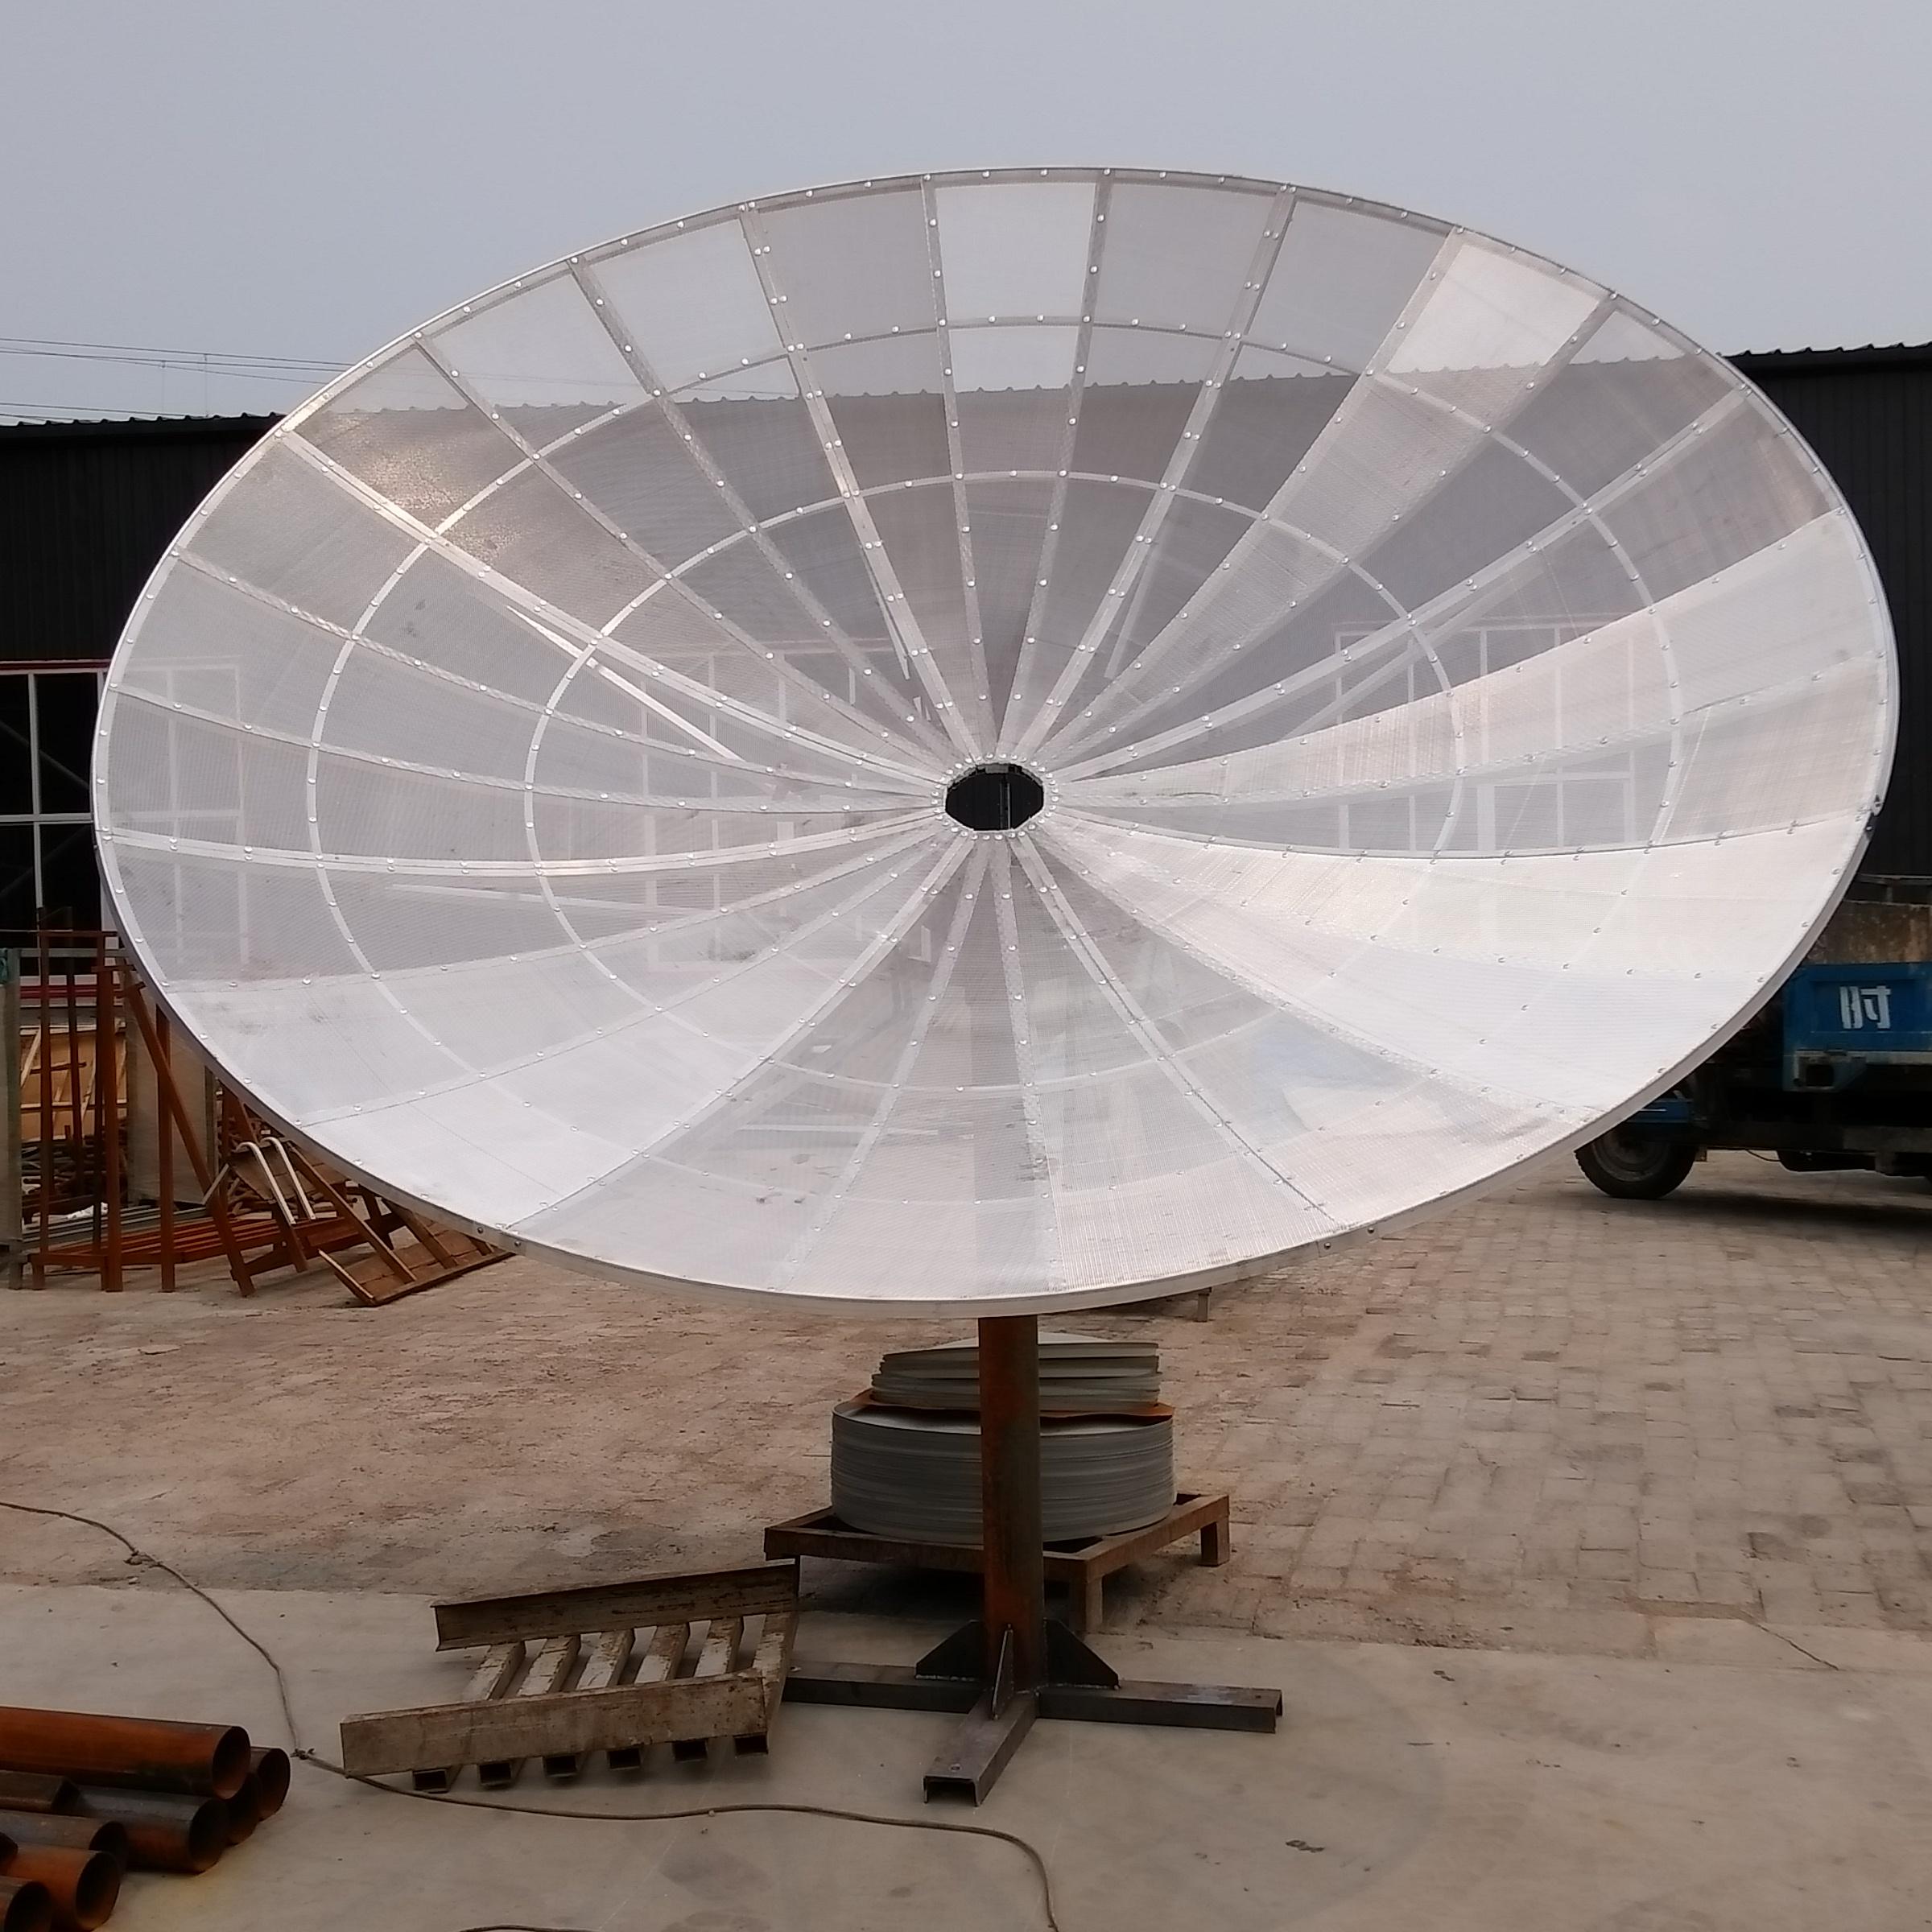 лёгкого приготовлении эллиптическая антенна фото рекомендуют использовать